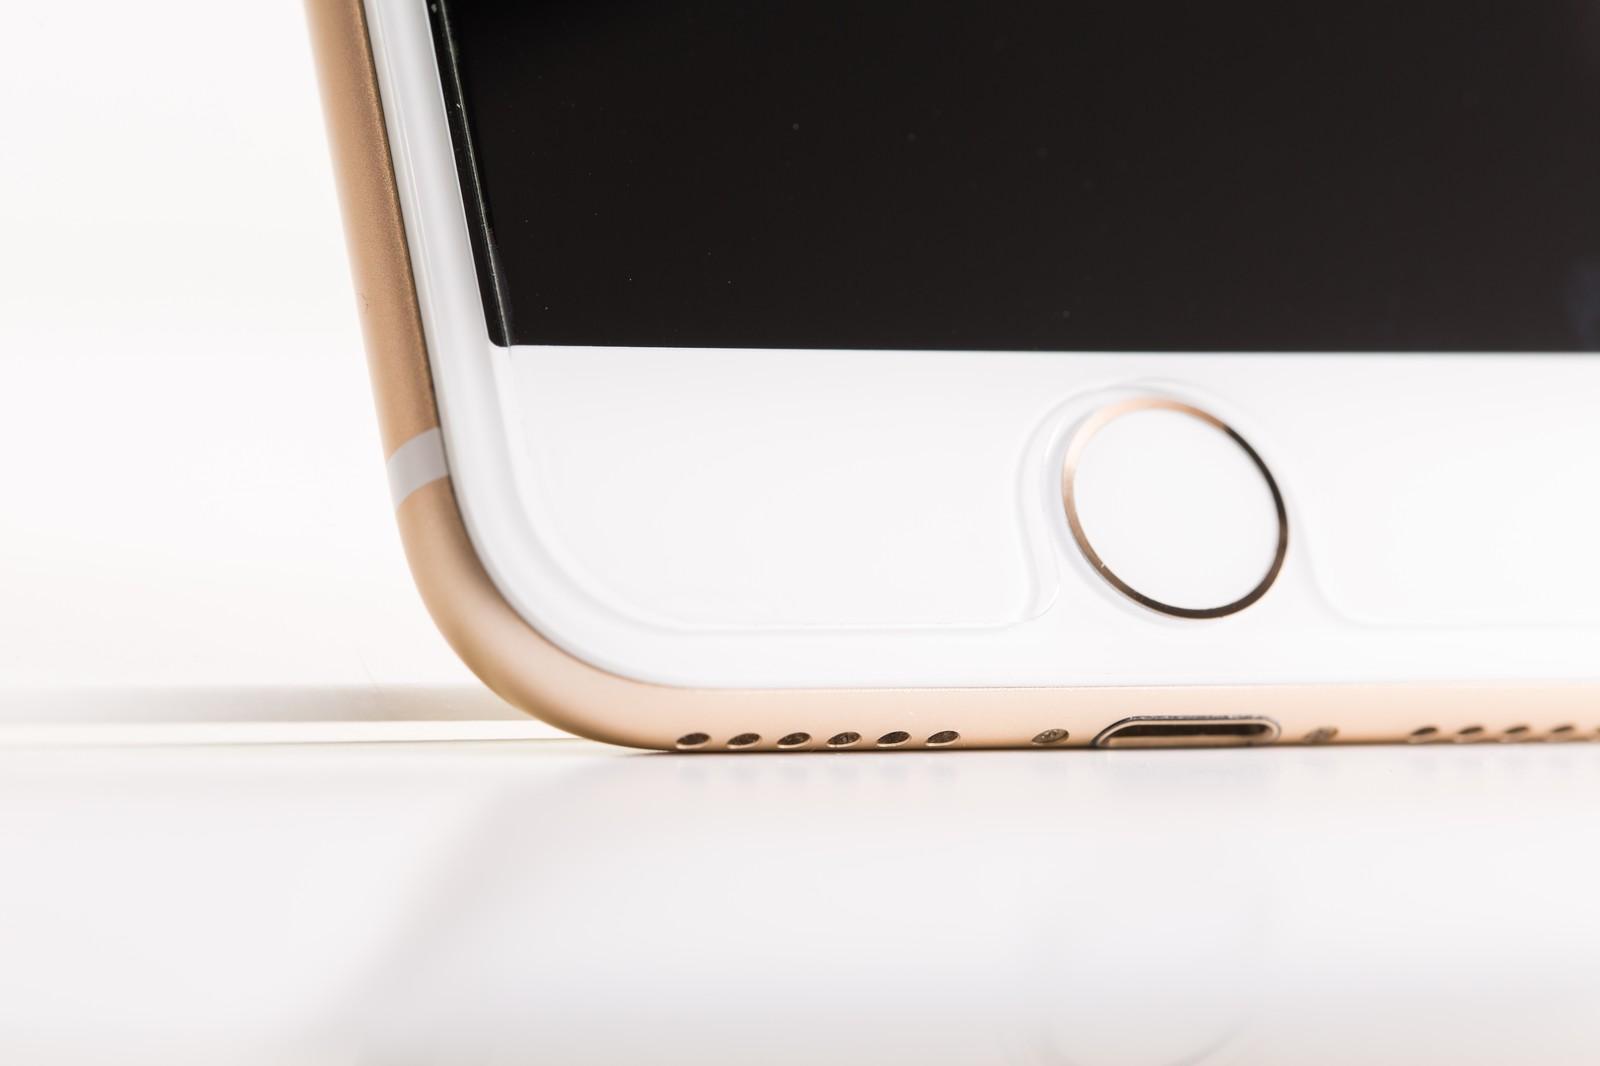 【iPhone】ホームボタンが反応しにくい時の応急処置方法